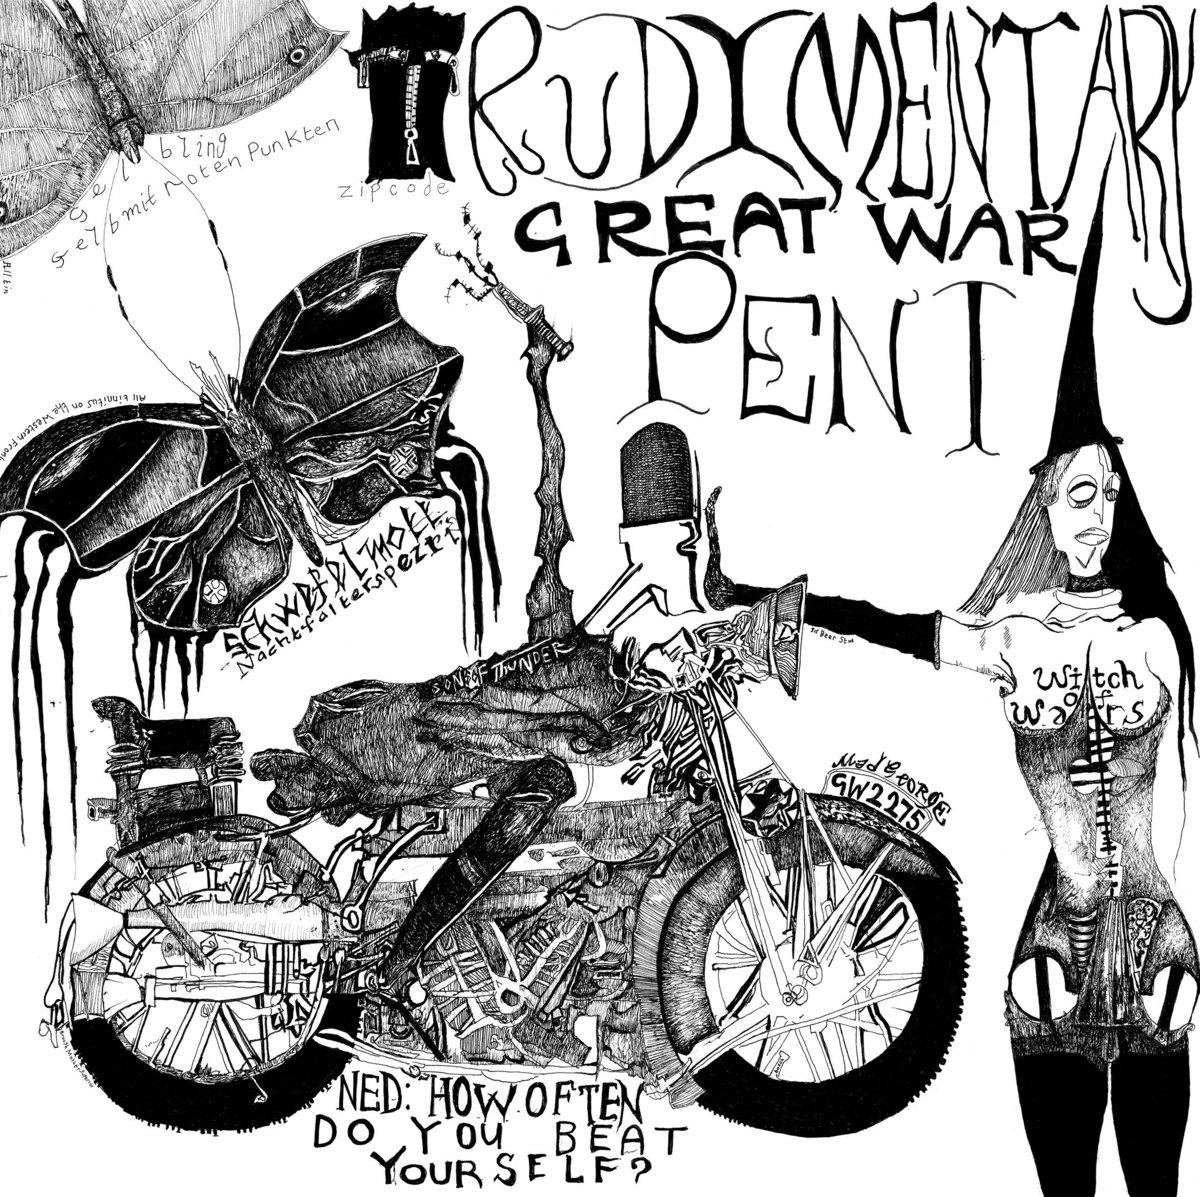 Rudimentary Peni, in arrivo il comeback album. Ascolta i singoli estratti 2 - fanzine